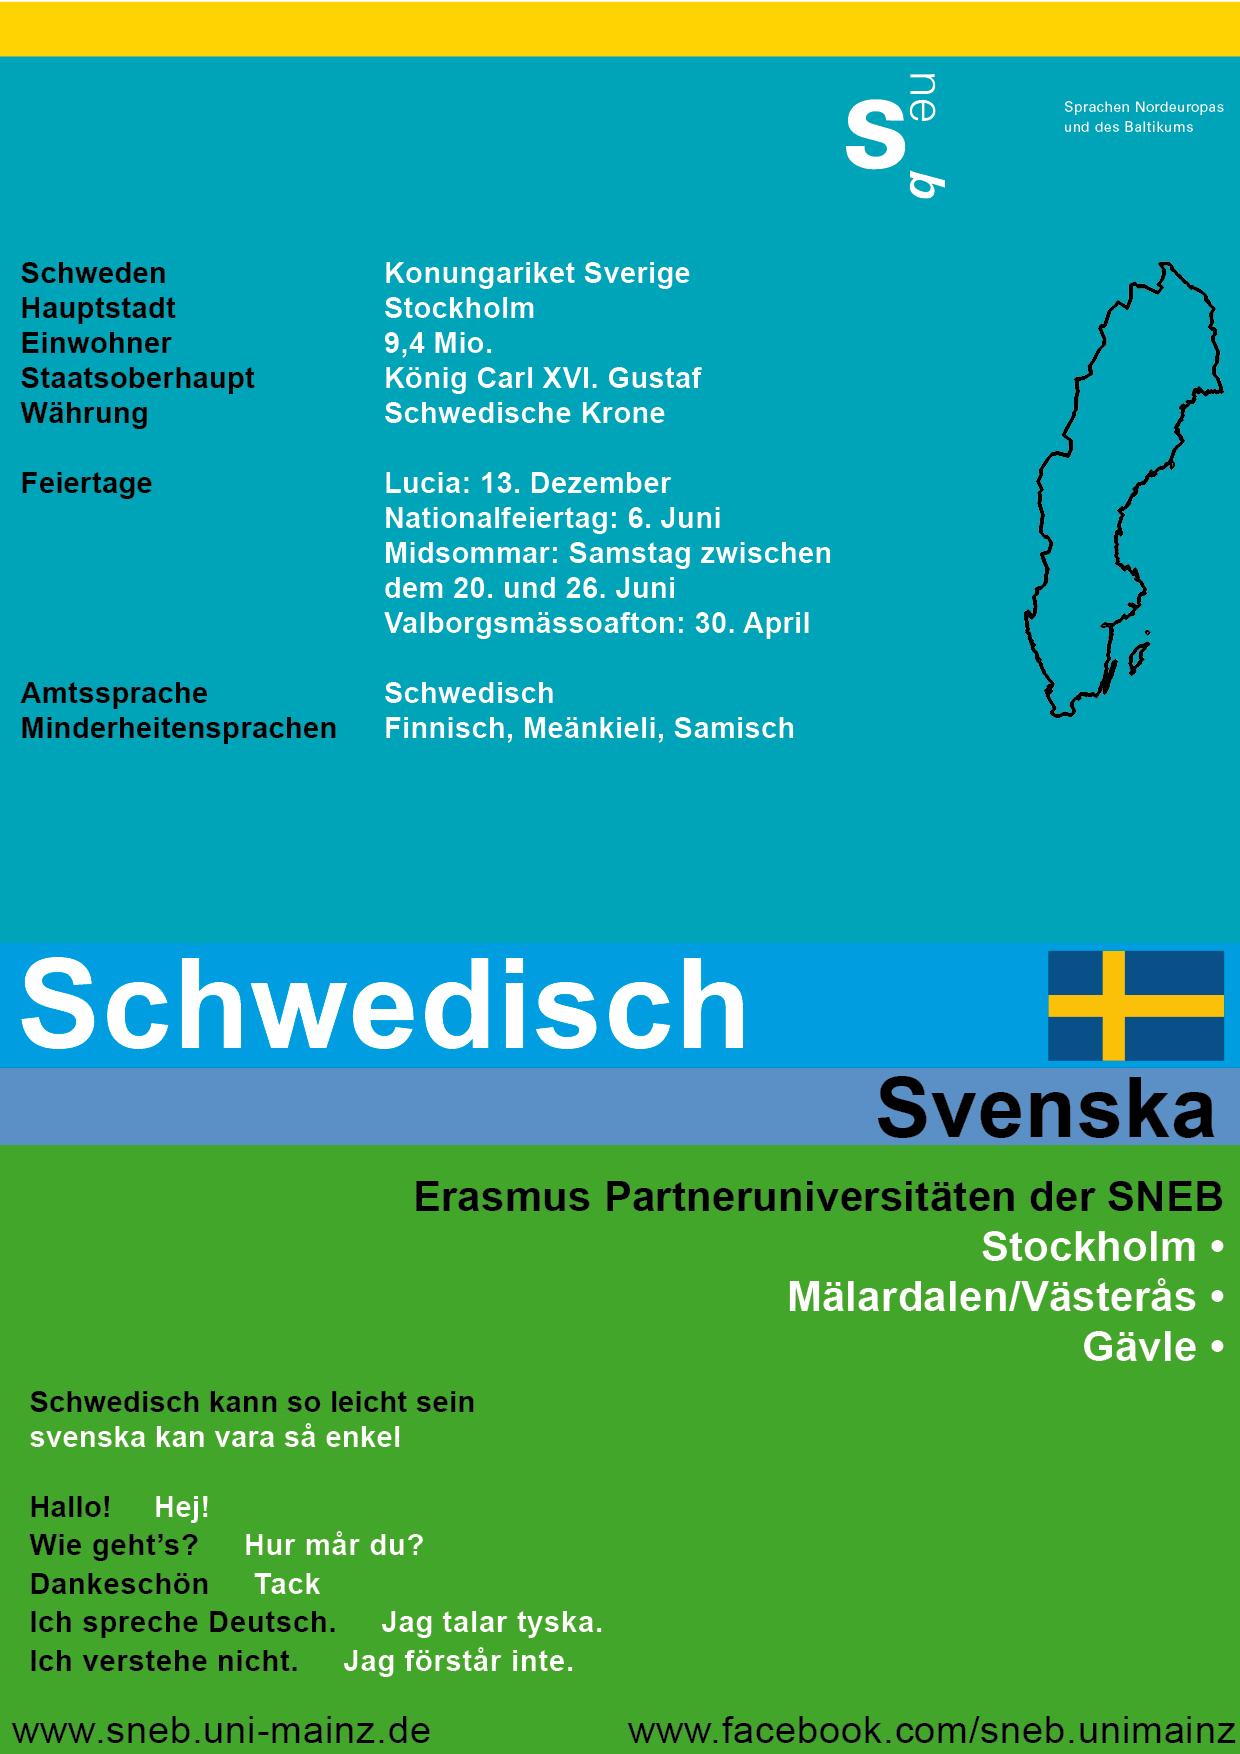 schwedisch an der uni mainz sprachen nordeuropas und des baltikums. Black Bedroom Furniture Sets. Home Design Ideas